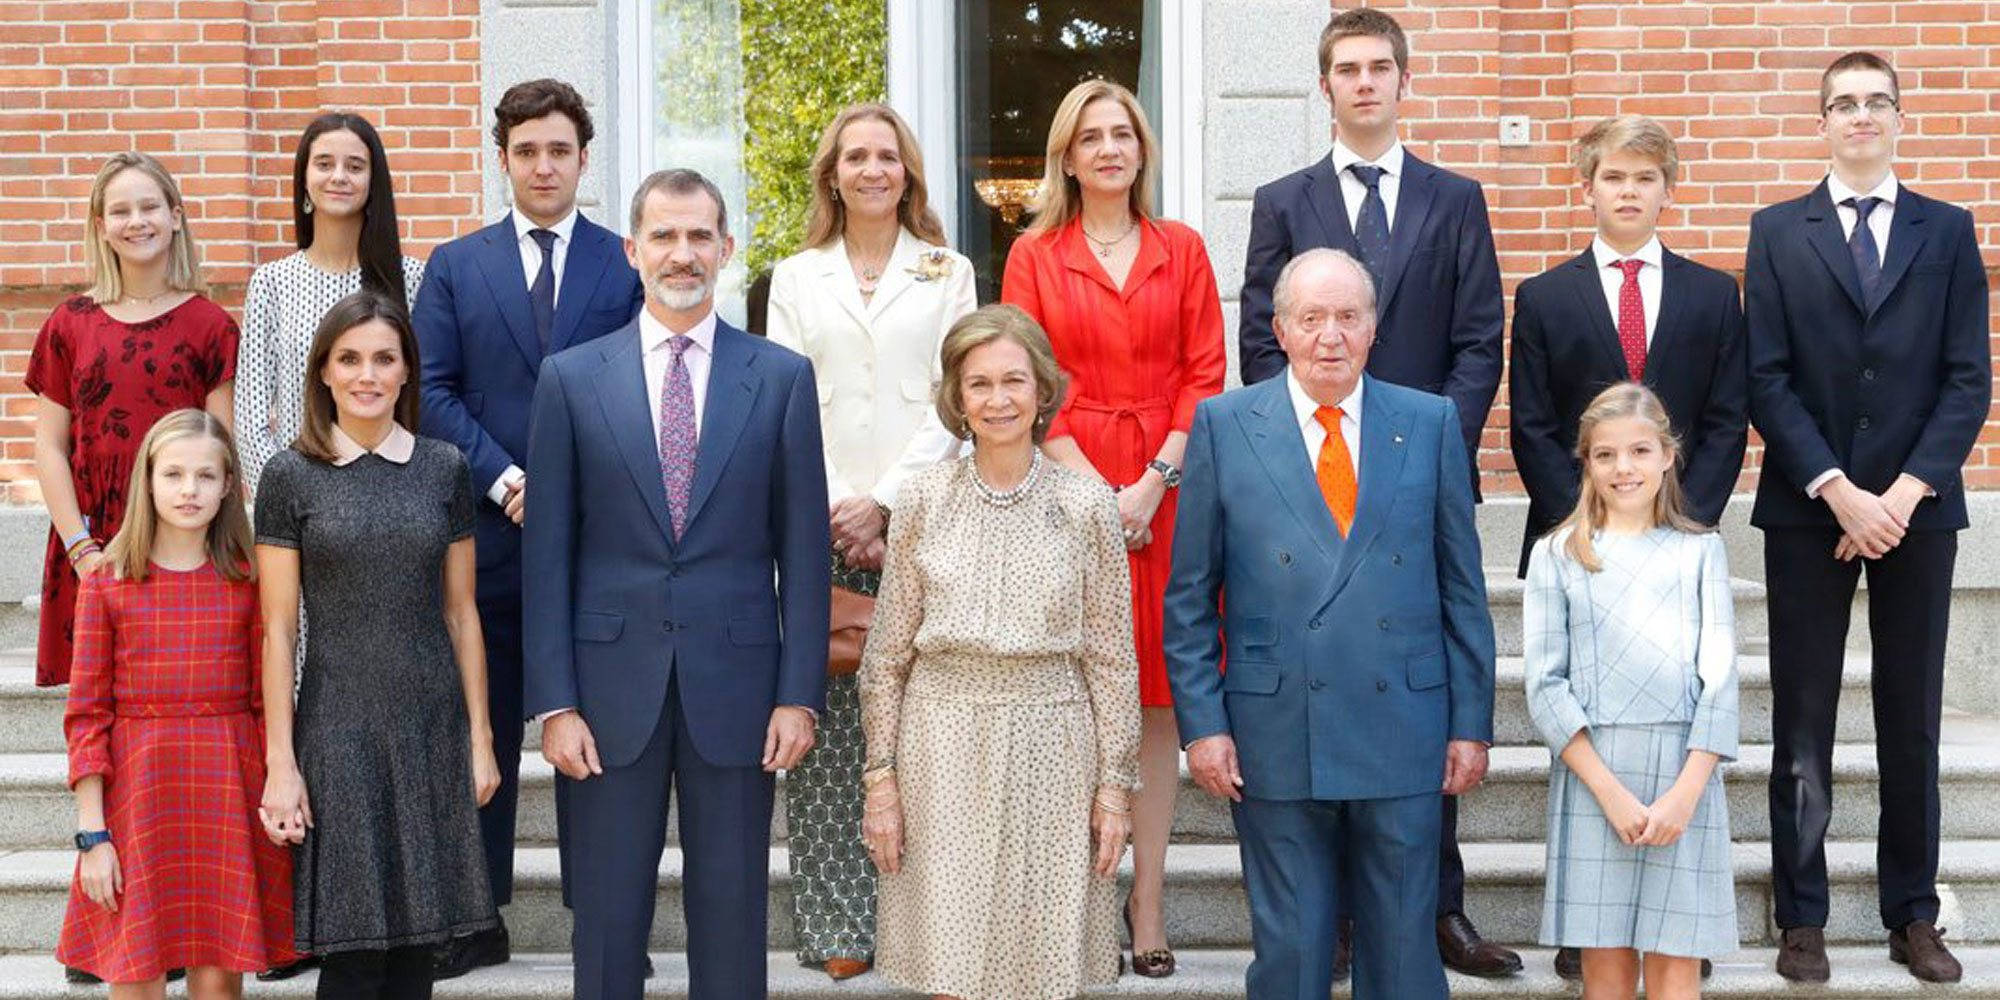 Los detalles de la foto del 80 cumpleaños de la Reina Sofía, acto marcado por el regreso de la Infanta Cristina y sus hijos